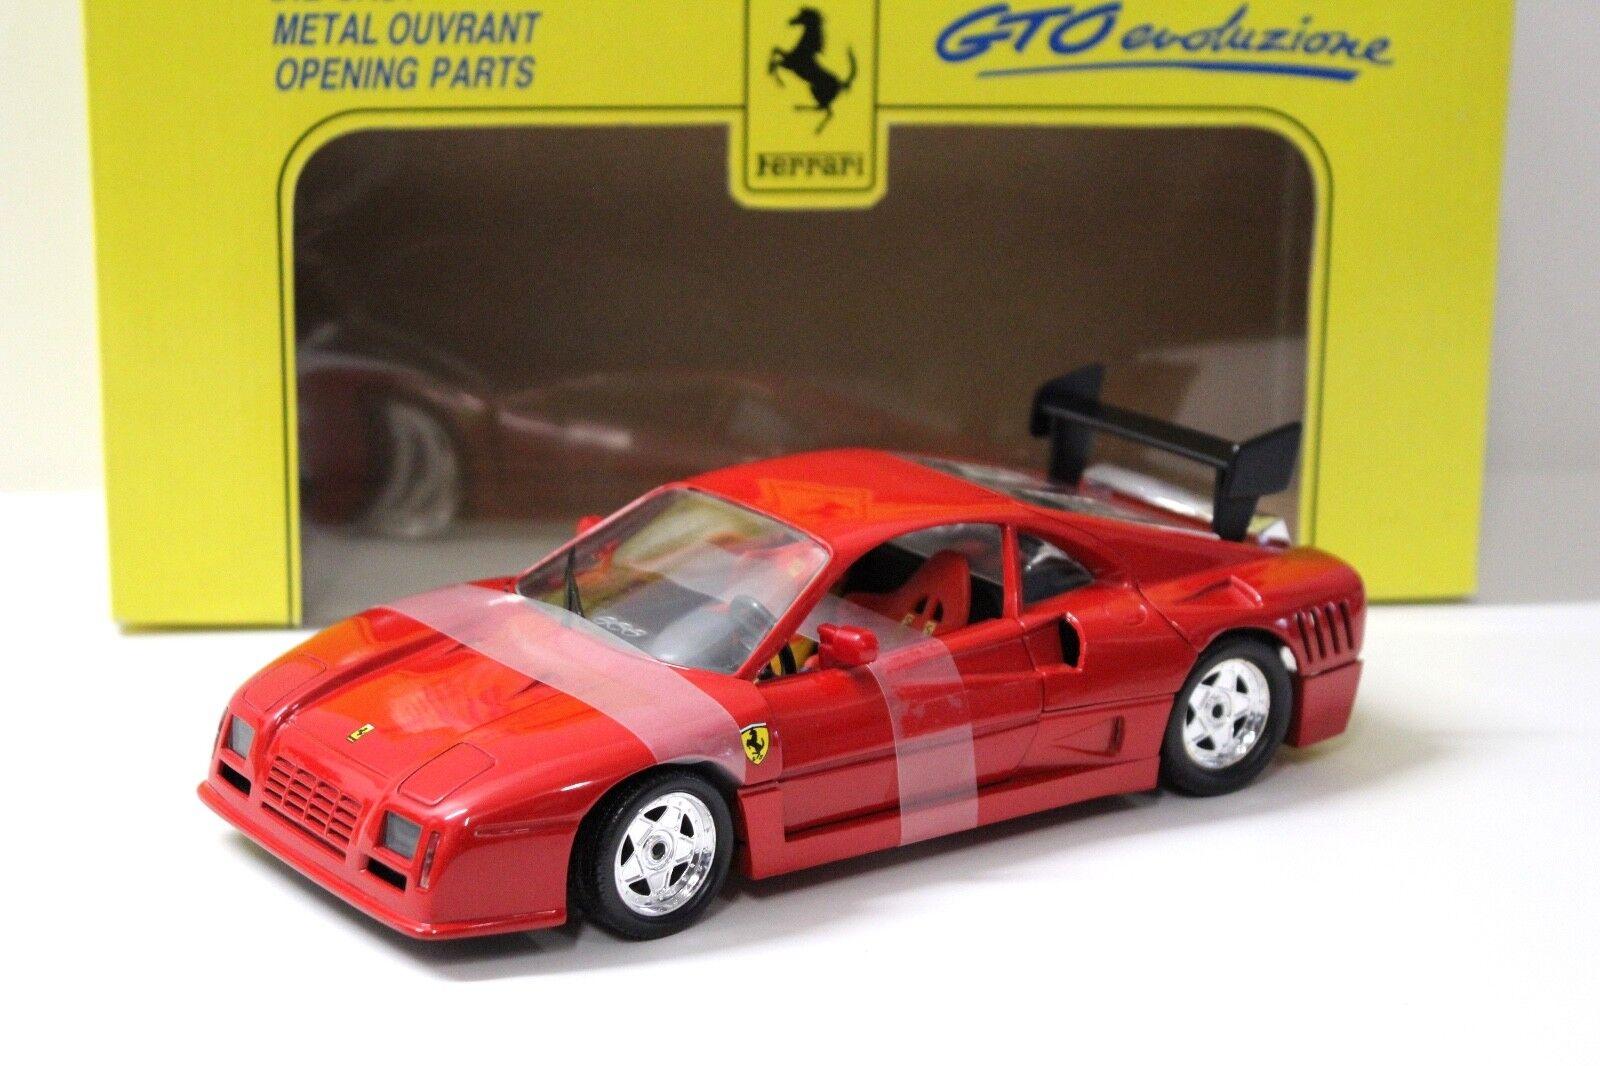 1 18 Jouef Evolution Ferrari GTO Evoluzione Red NEW in Premium-modelcars